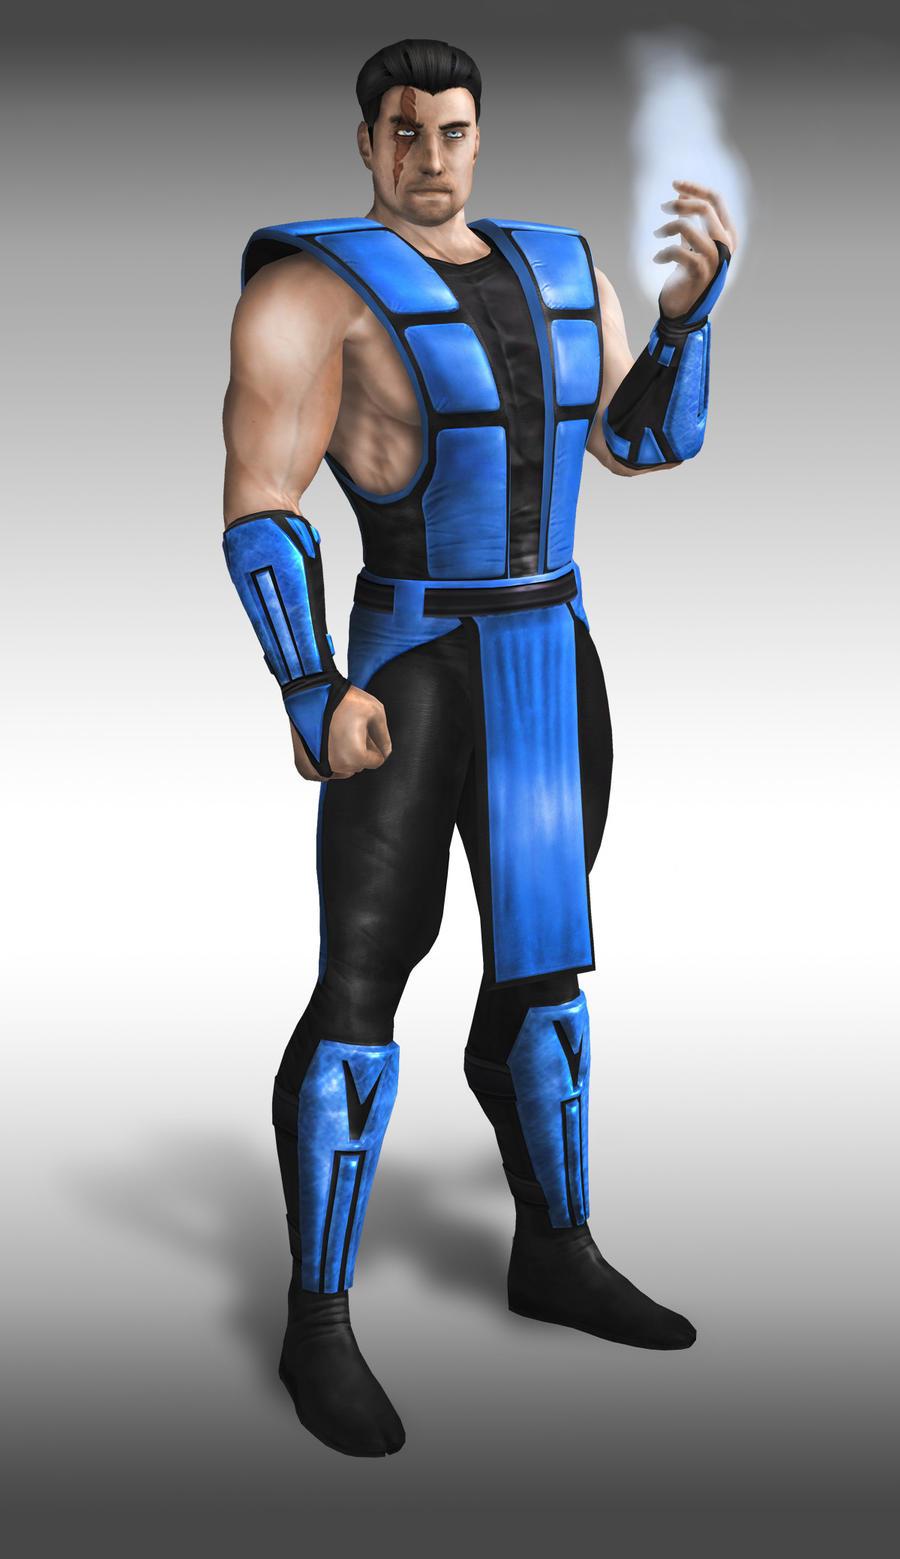 Sub zero mk9 alternate costume